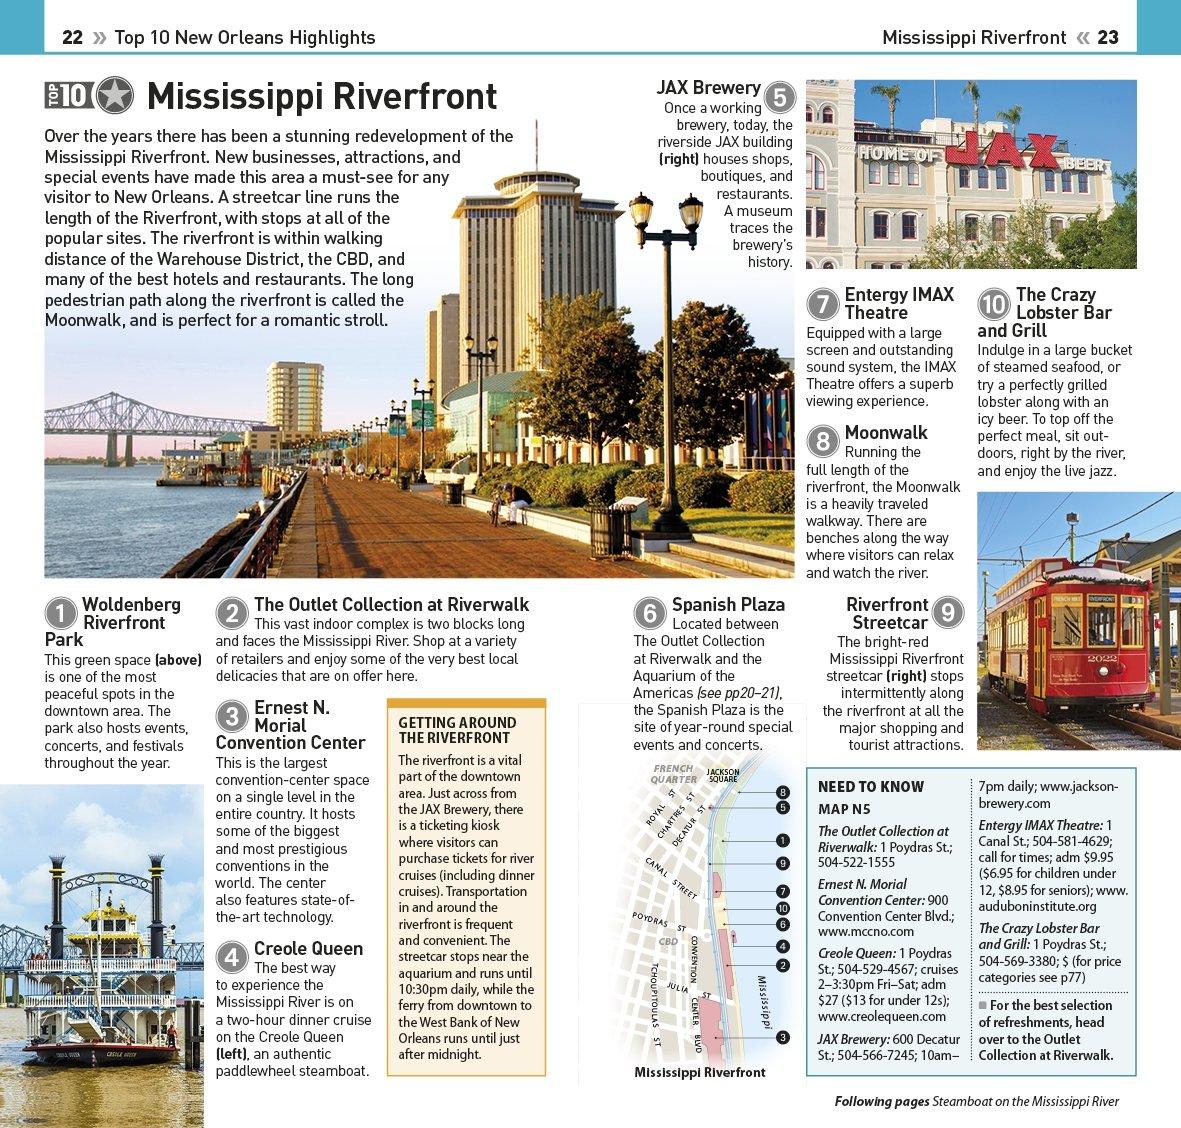 Top 10 New Orleans (DK Eyewitness Travel Guide): DK Travel